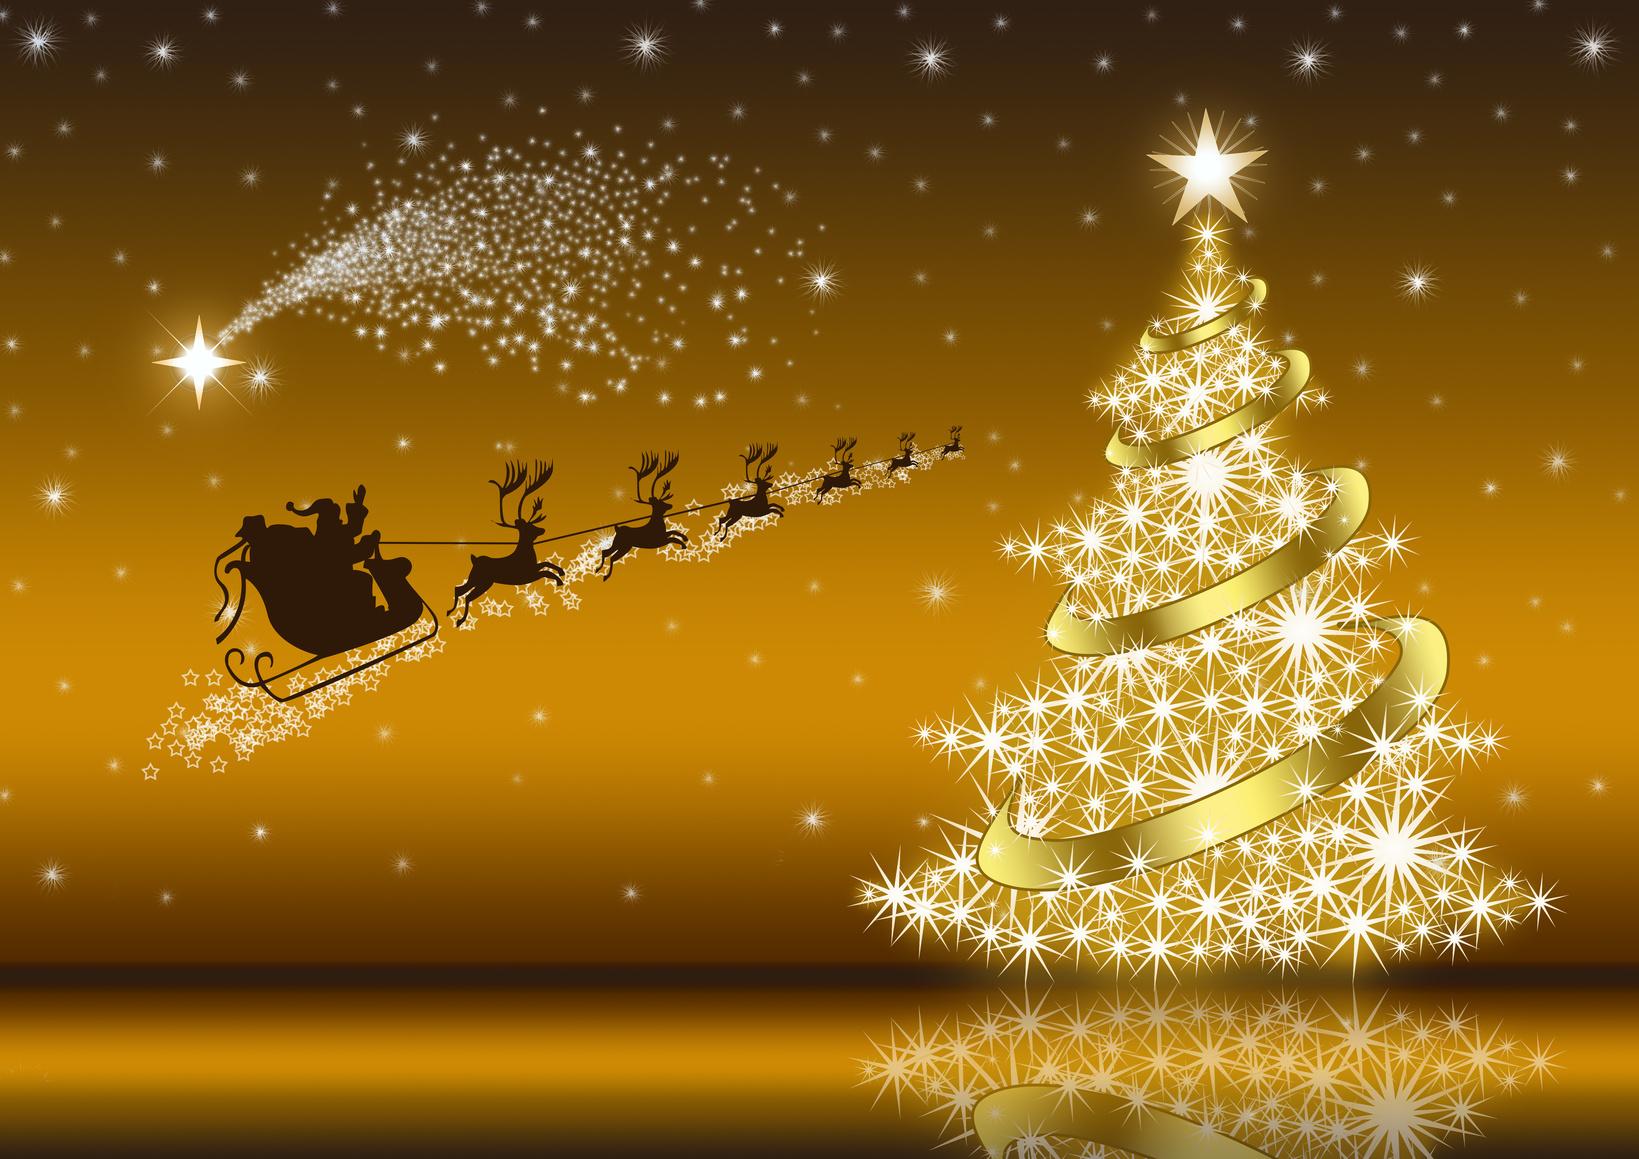 http://www.les-lutins-de-noel.com/images/cadeau-noel.jpg